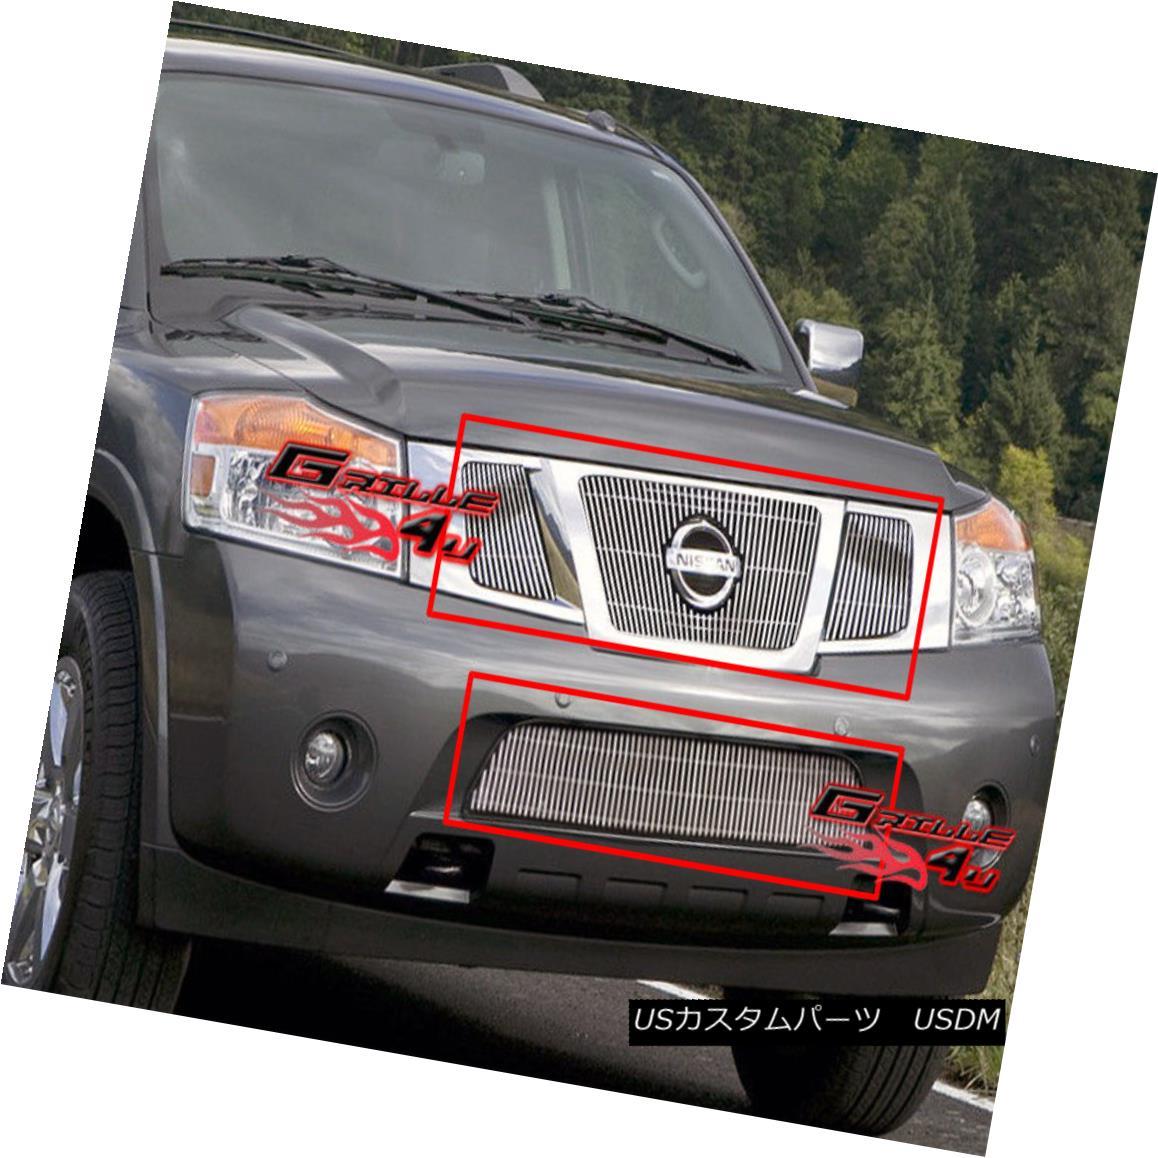 グリル Fits 2008-2013 Nissan Armada Vertical Billet Grille Insert Logo Show Combo フィット2008-2013日産アルマダ縦型ビレットグリルインサートロゴショーコンボ